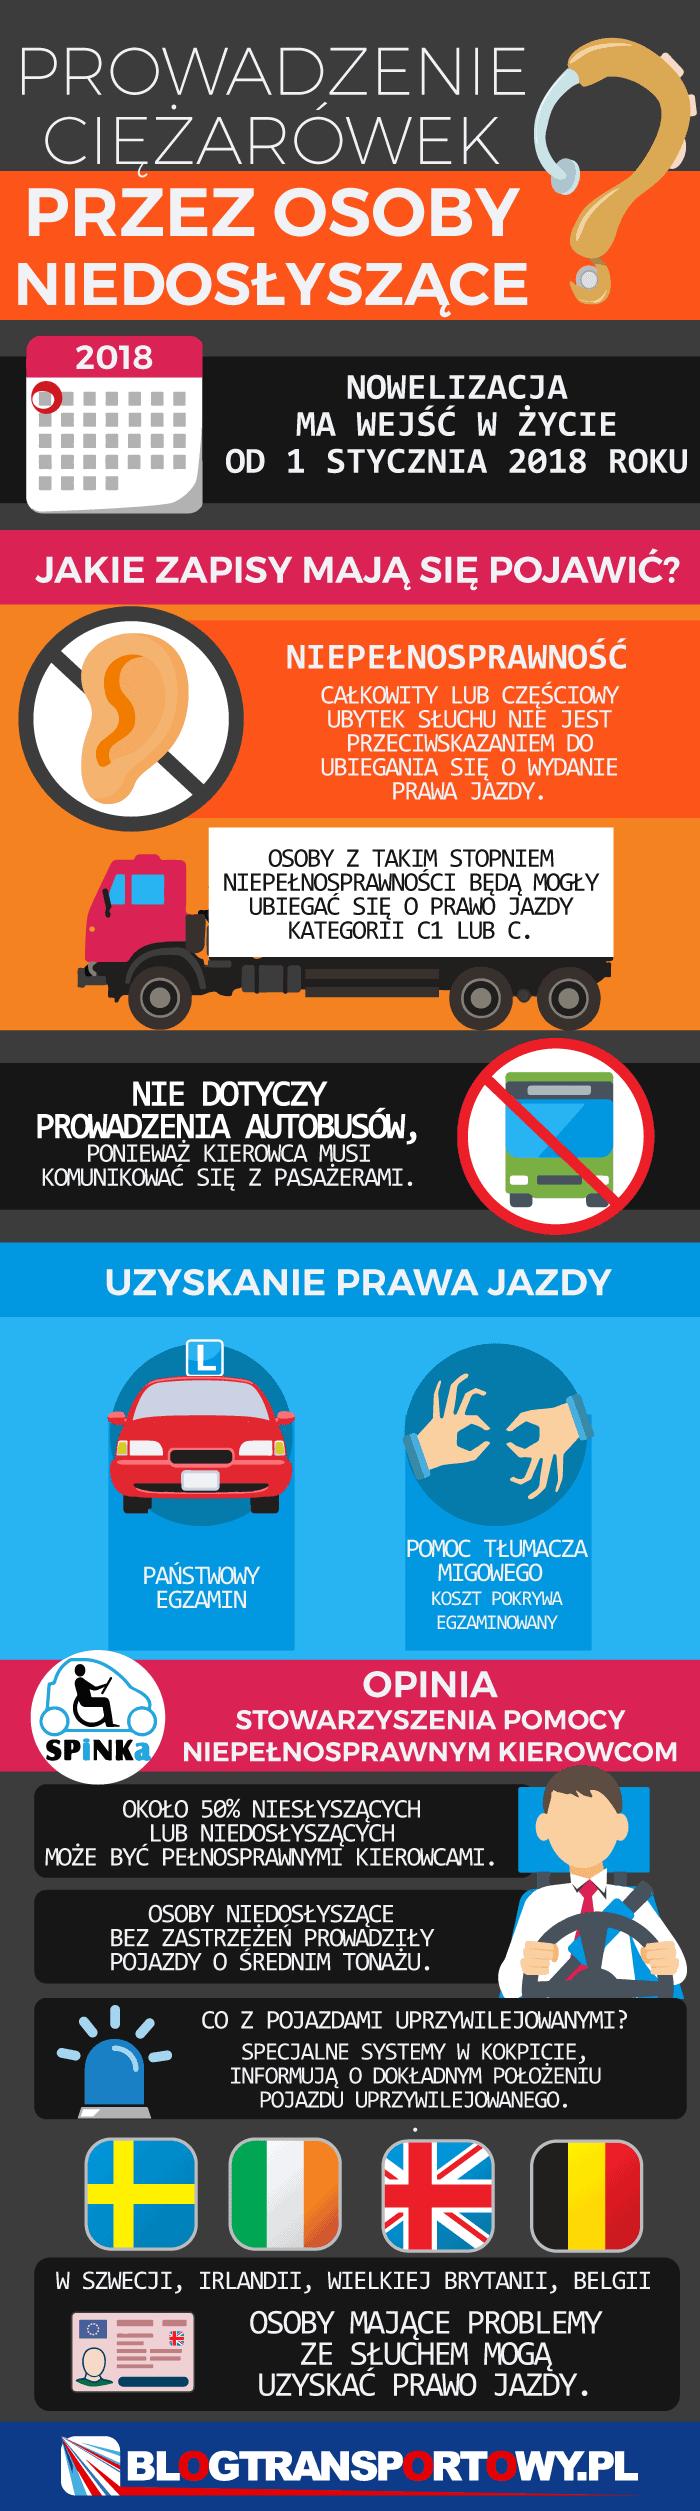 Prowadzenie ciężarówek przez osoby niedosłyszące